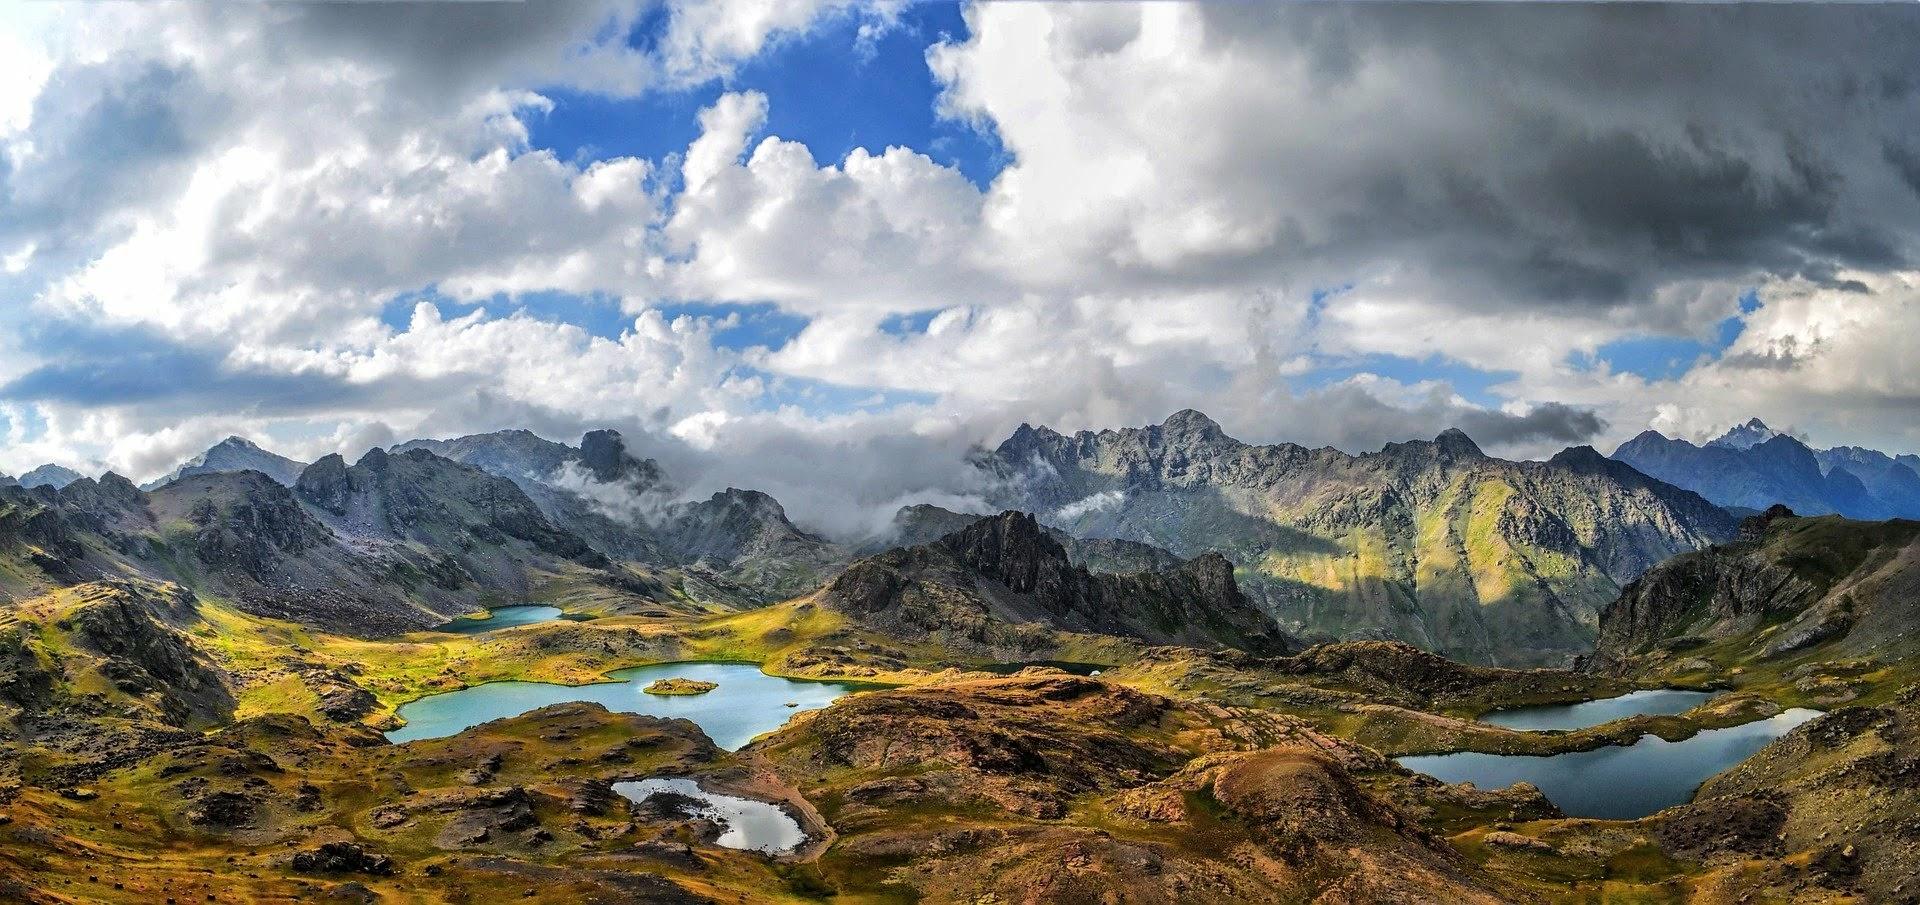 صورة طبيعية ومنظر خلاب يشمل بحيرة صغيرة وجبل